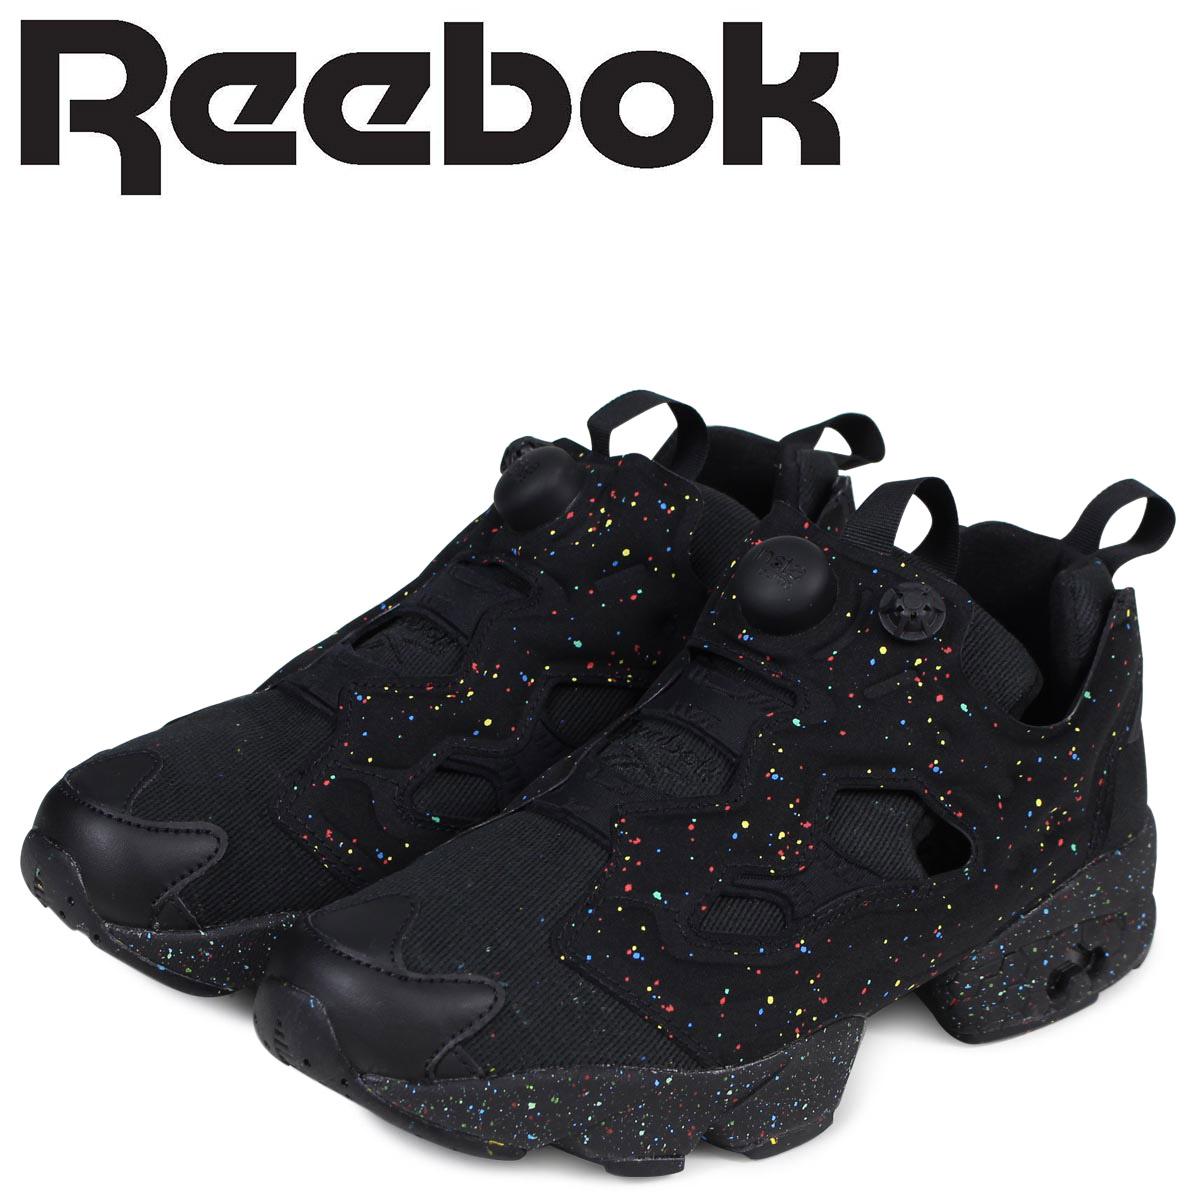 Reebok ポンプフューリー メンズ レディース スニーカー リーボック INSTAPUMP FURY OG CS CM9390 ブラック